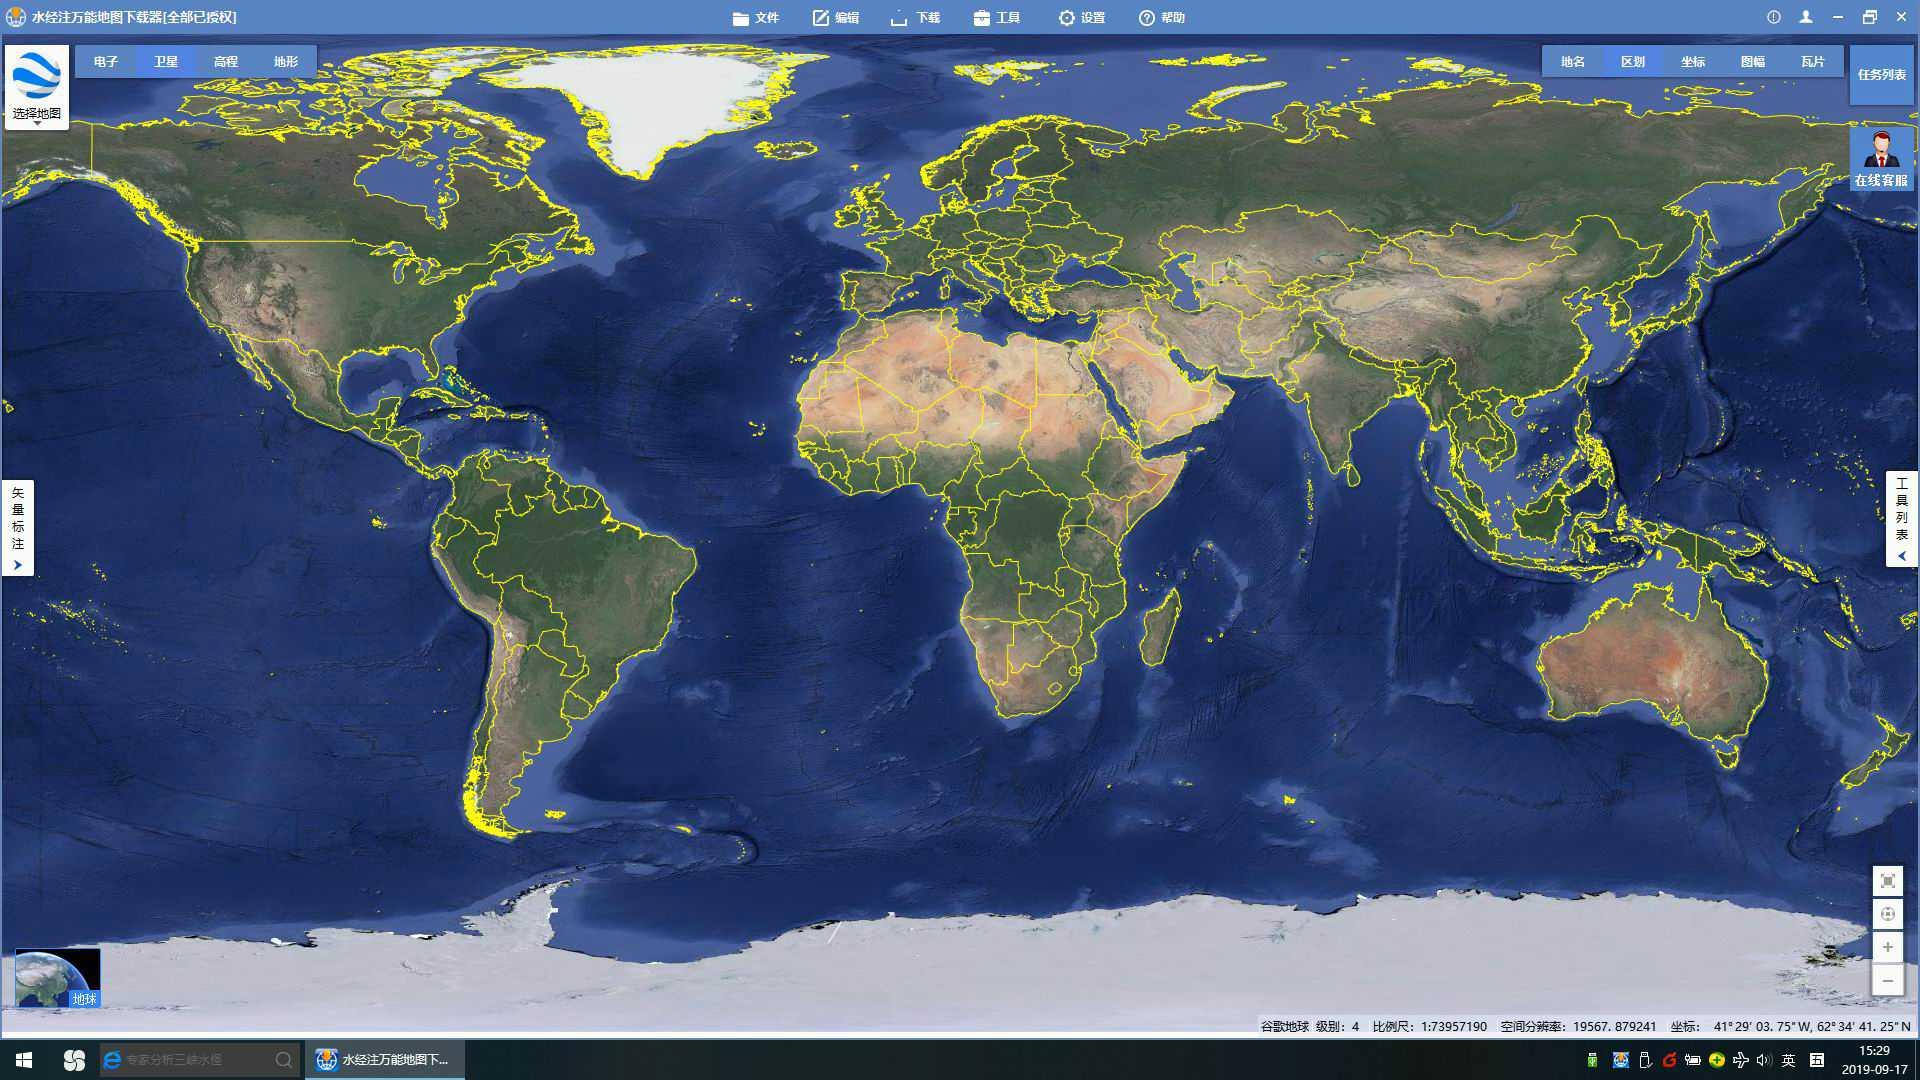 18全球离线谷歌卫星地图.jpg